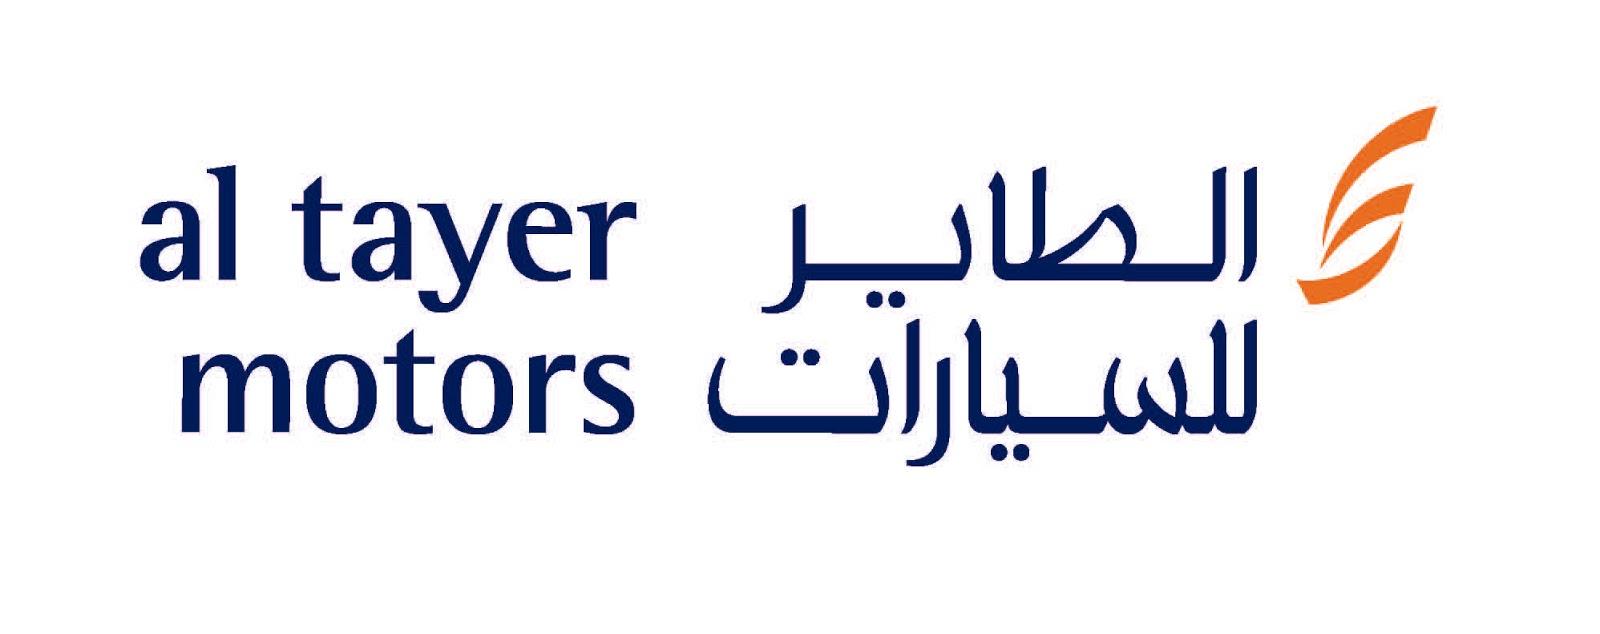 Al tayar tshirts printing dubai for T shirt printing mobile al